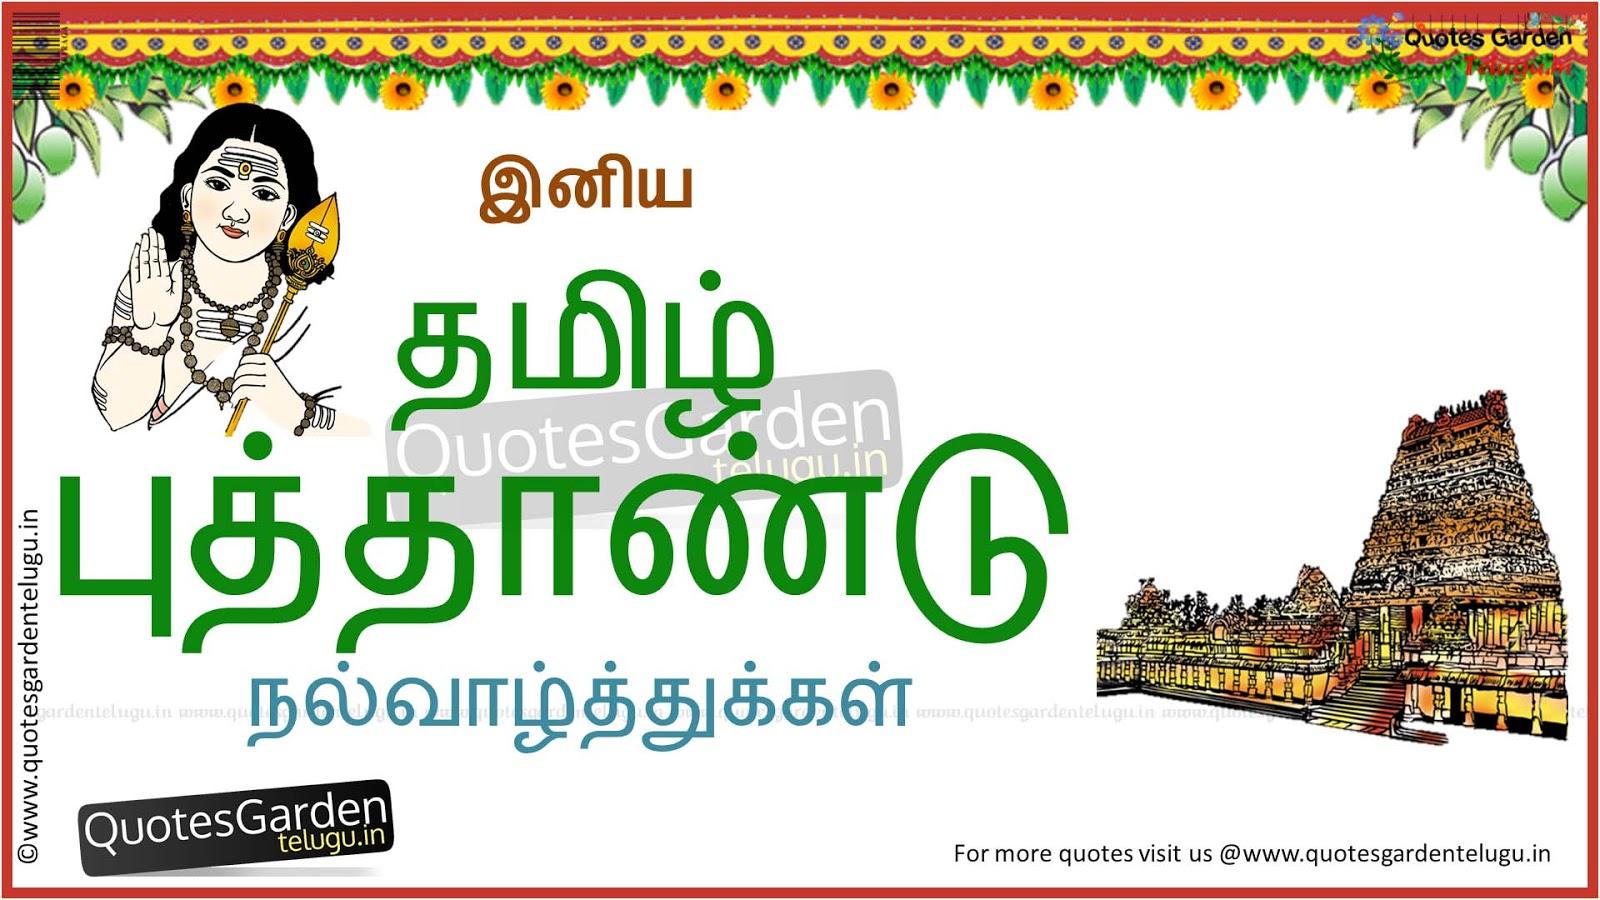 Tamil puthandu vazthukal in tamil font tamil new year greetings tamil puthandu vazthukal in tamil font m4hsunfo